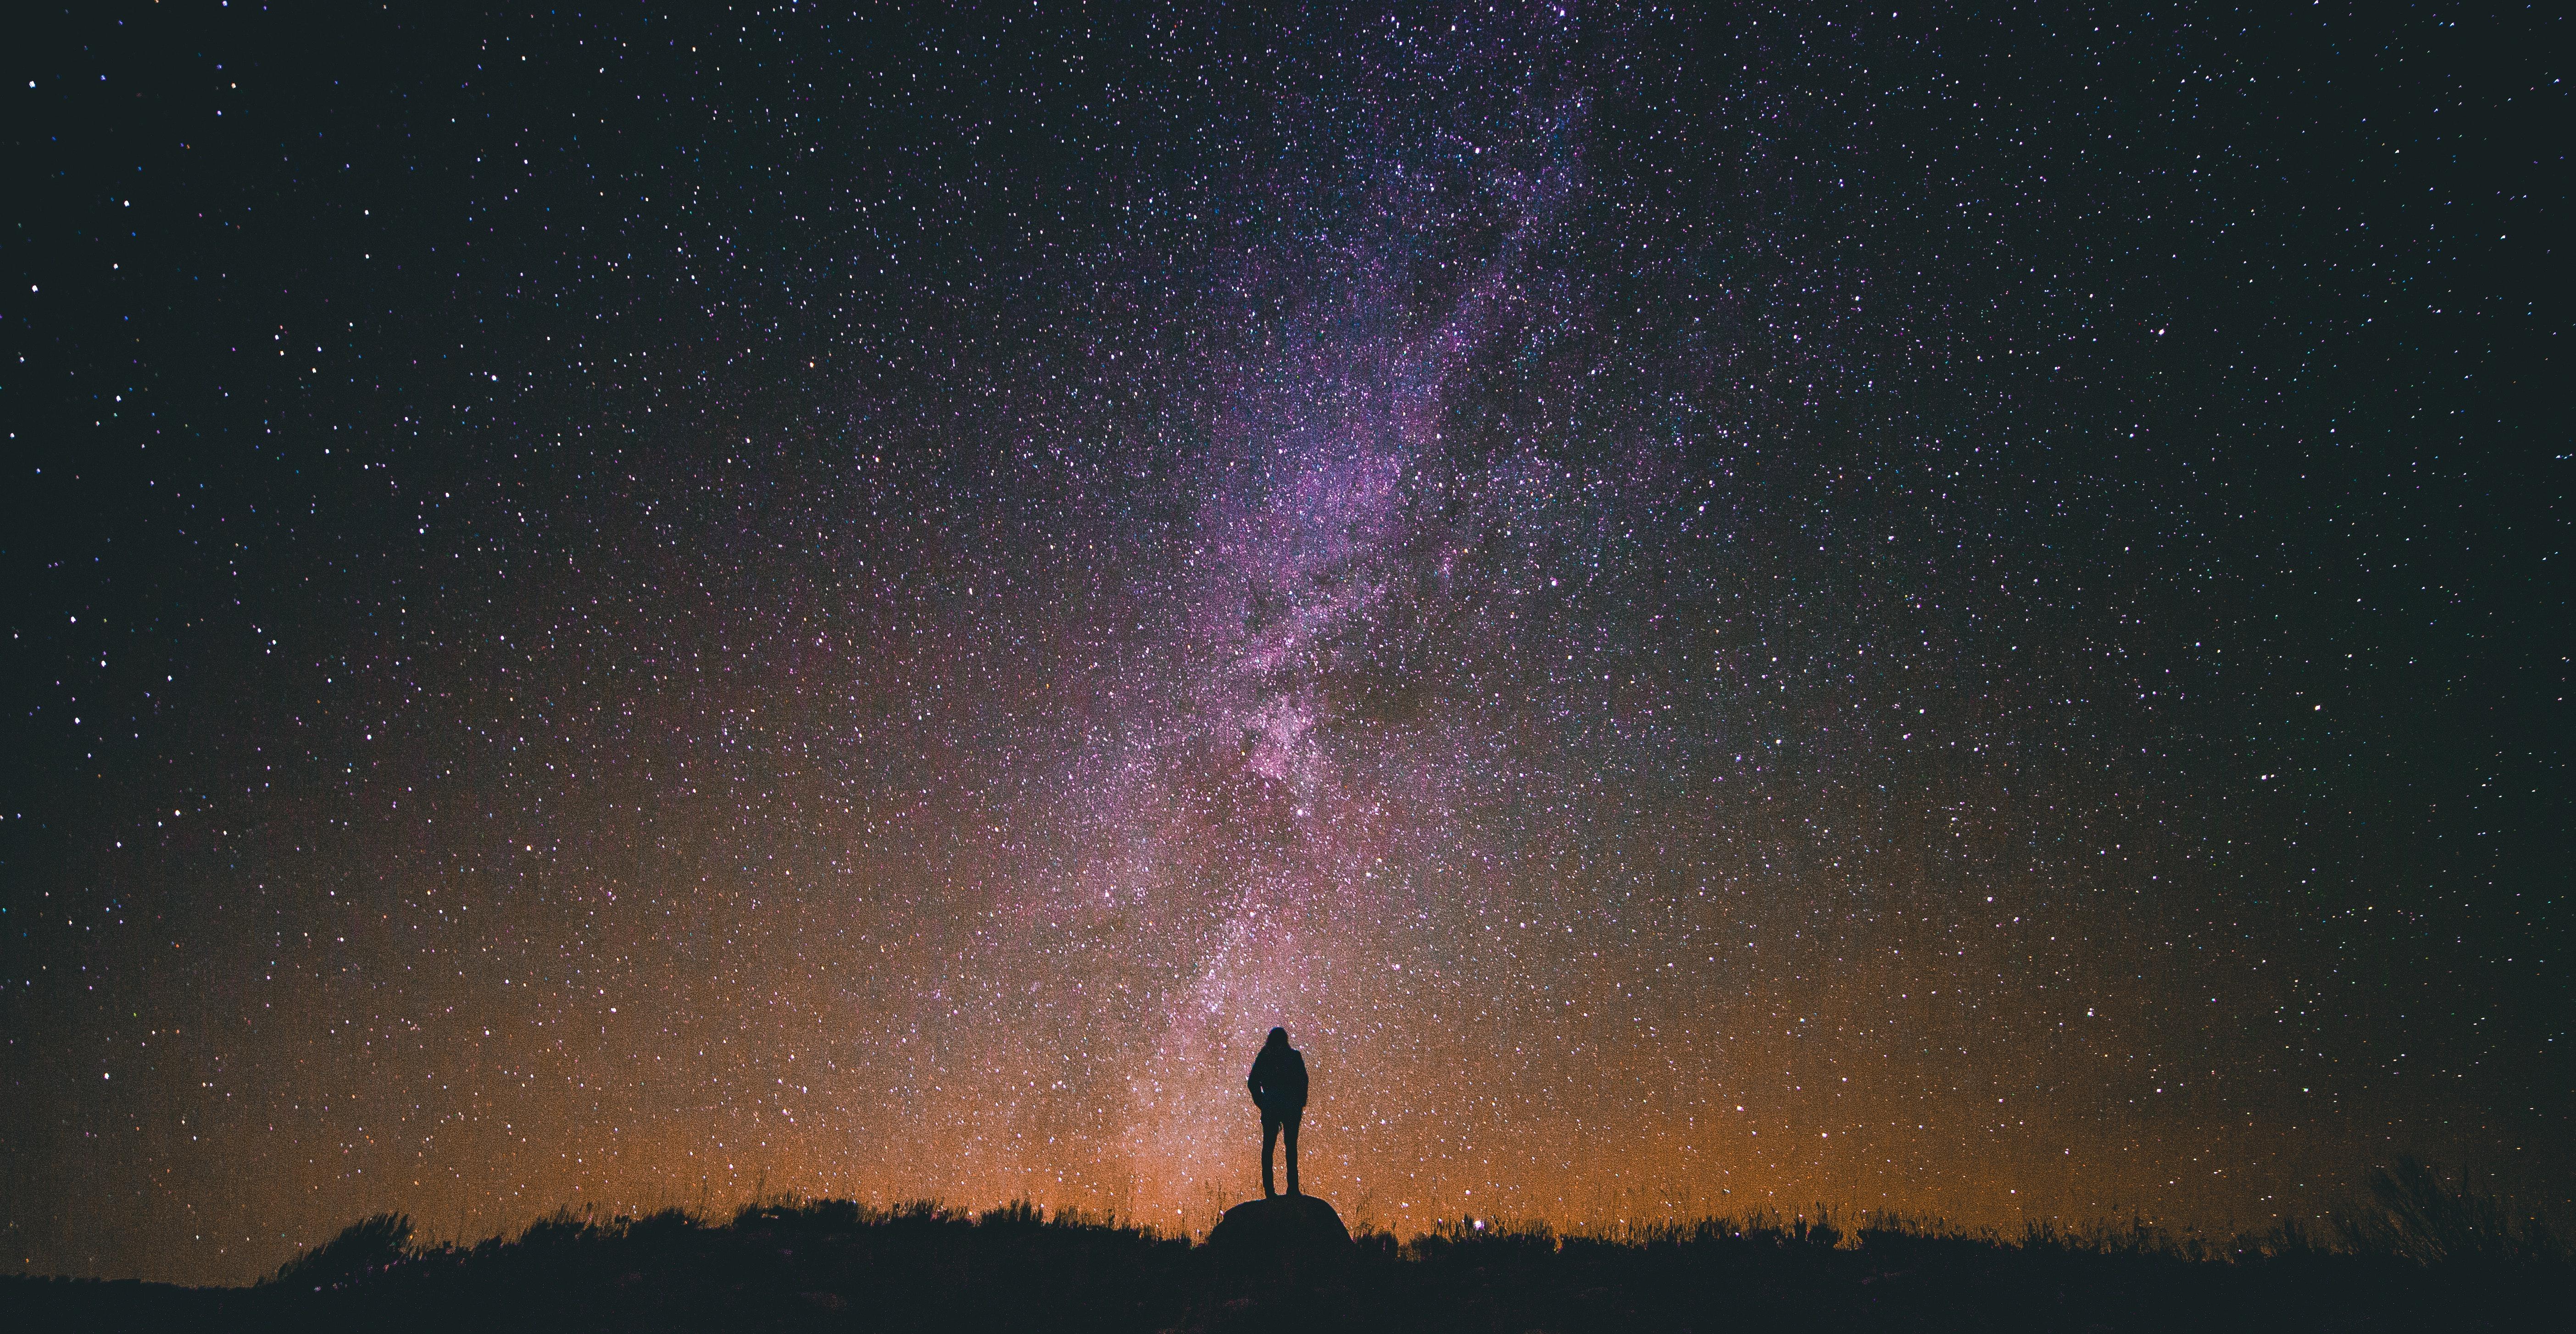 Ponderation northskyphotography Starry Sky by North Sky